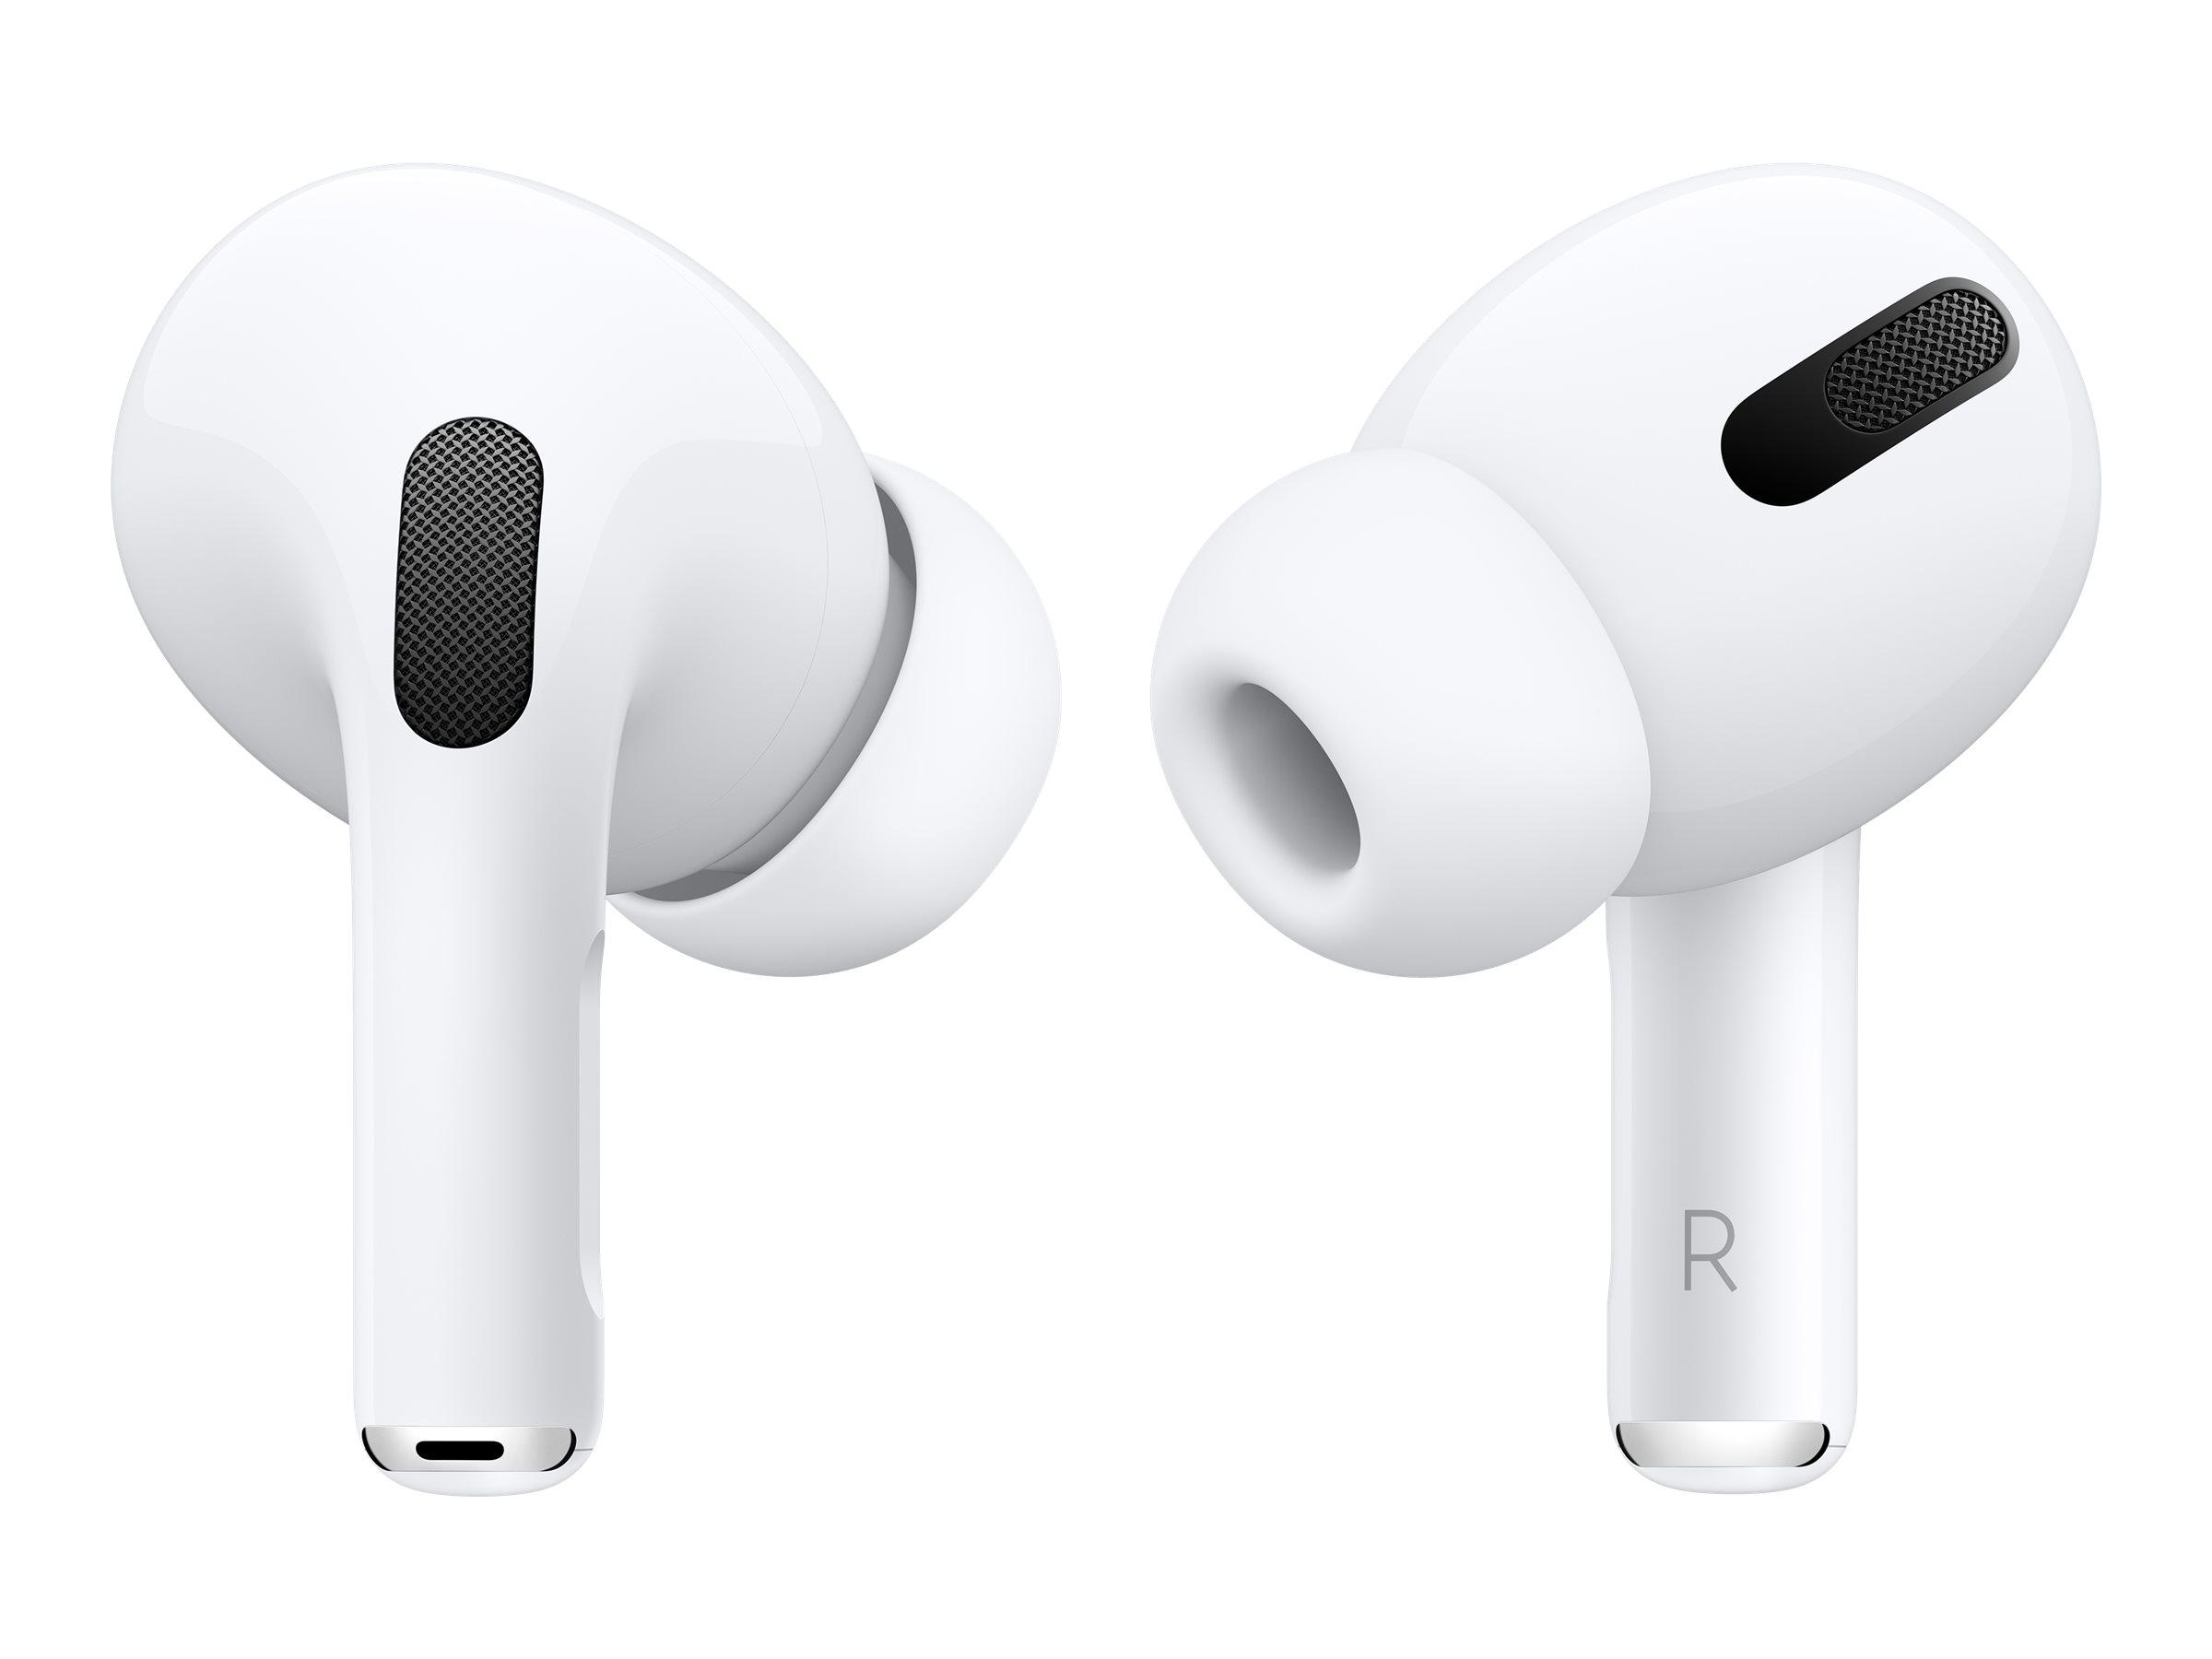 Image de Apple AirPods Pro - Véritables écouteurs sans fil avec micro - intra-auriculaire - Bluetooth - Suppresseur de bruit actif - pour iPad/iPhone/iPod/TV/Watch